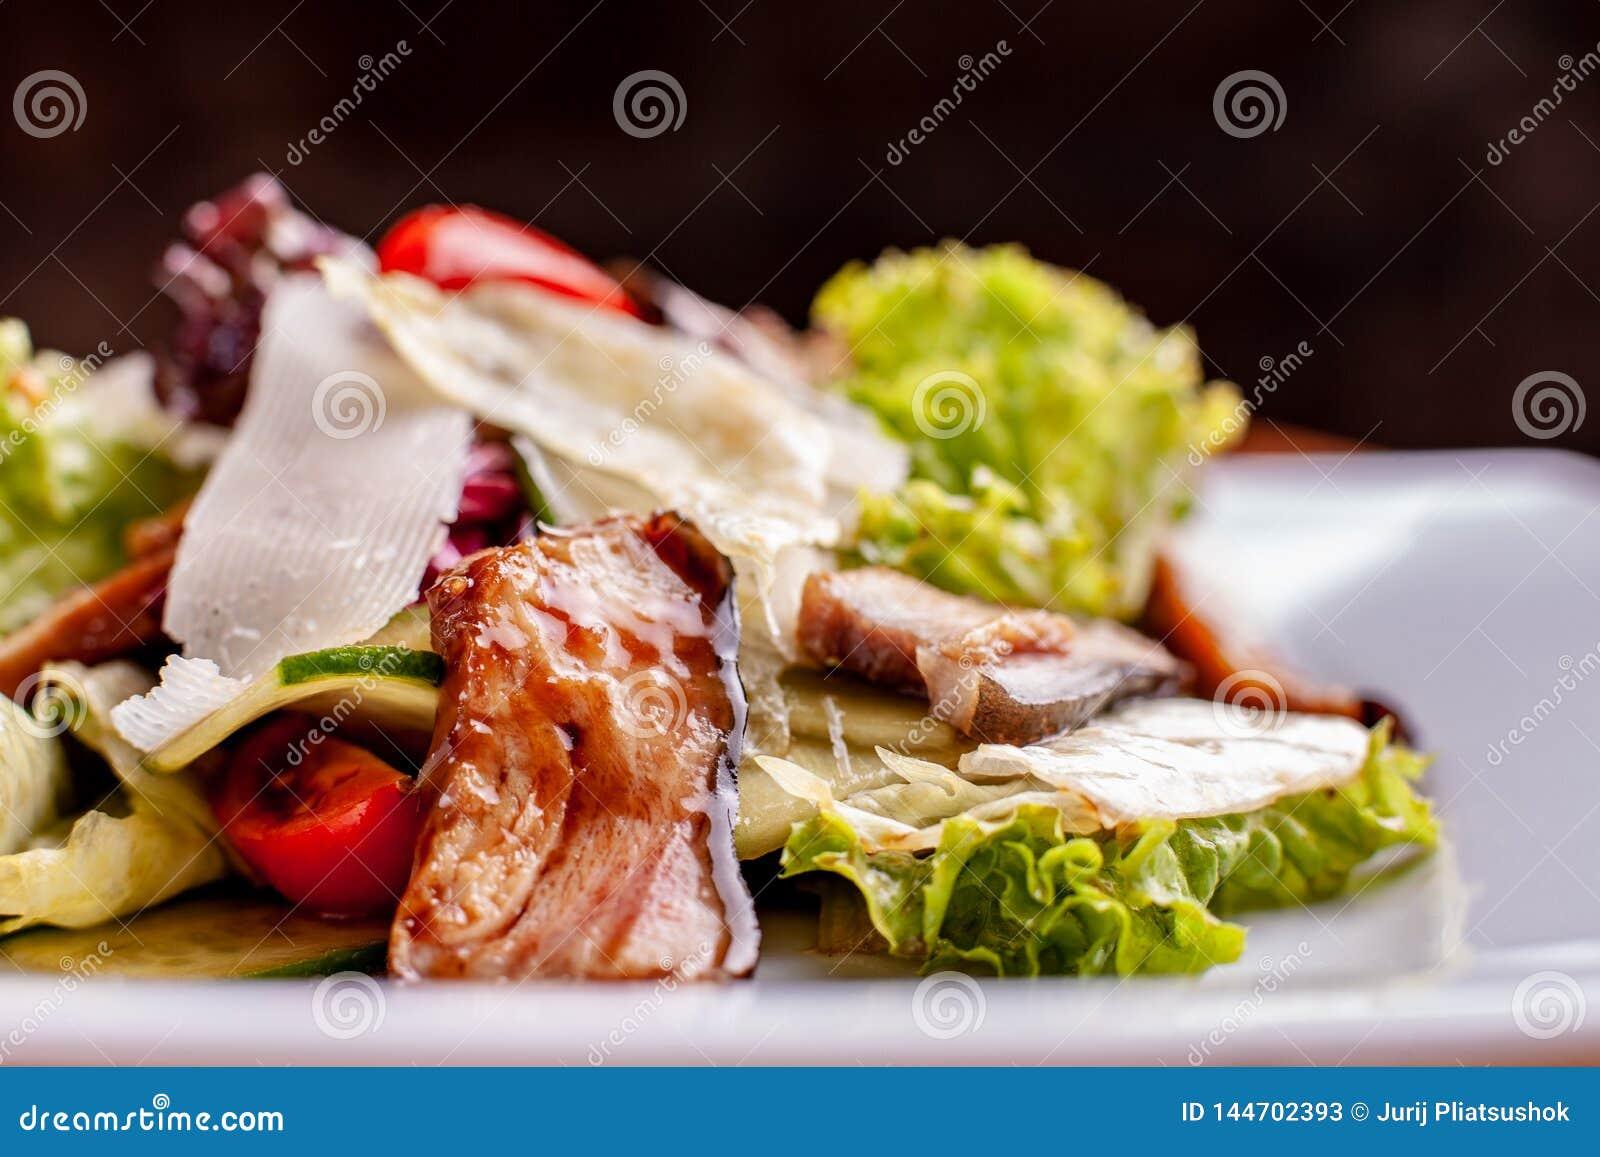 Salat mit ger?uchertem Wels, Karotten und Misobehandlung Die Arbeit eines Berufschefs Teller von einer Restaurant Nahaufnahme